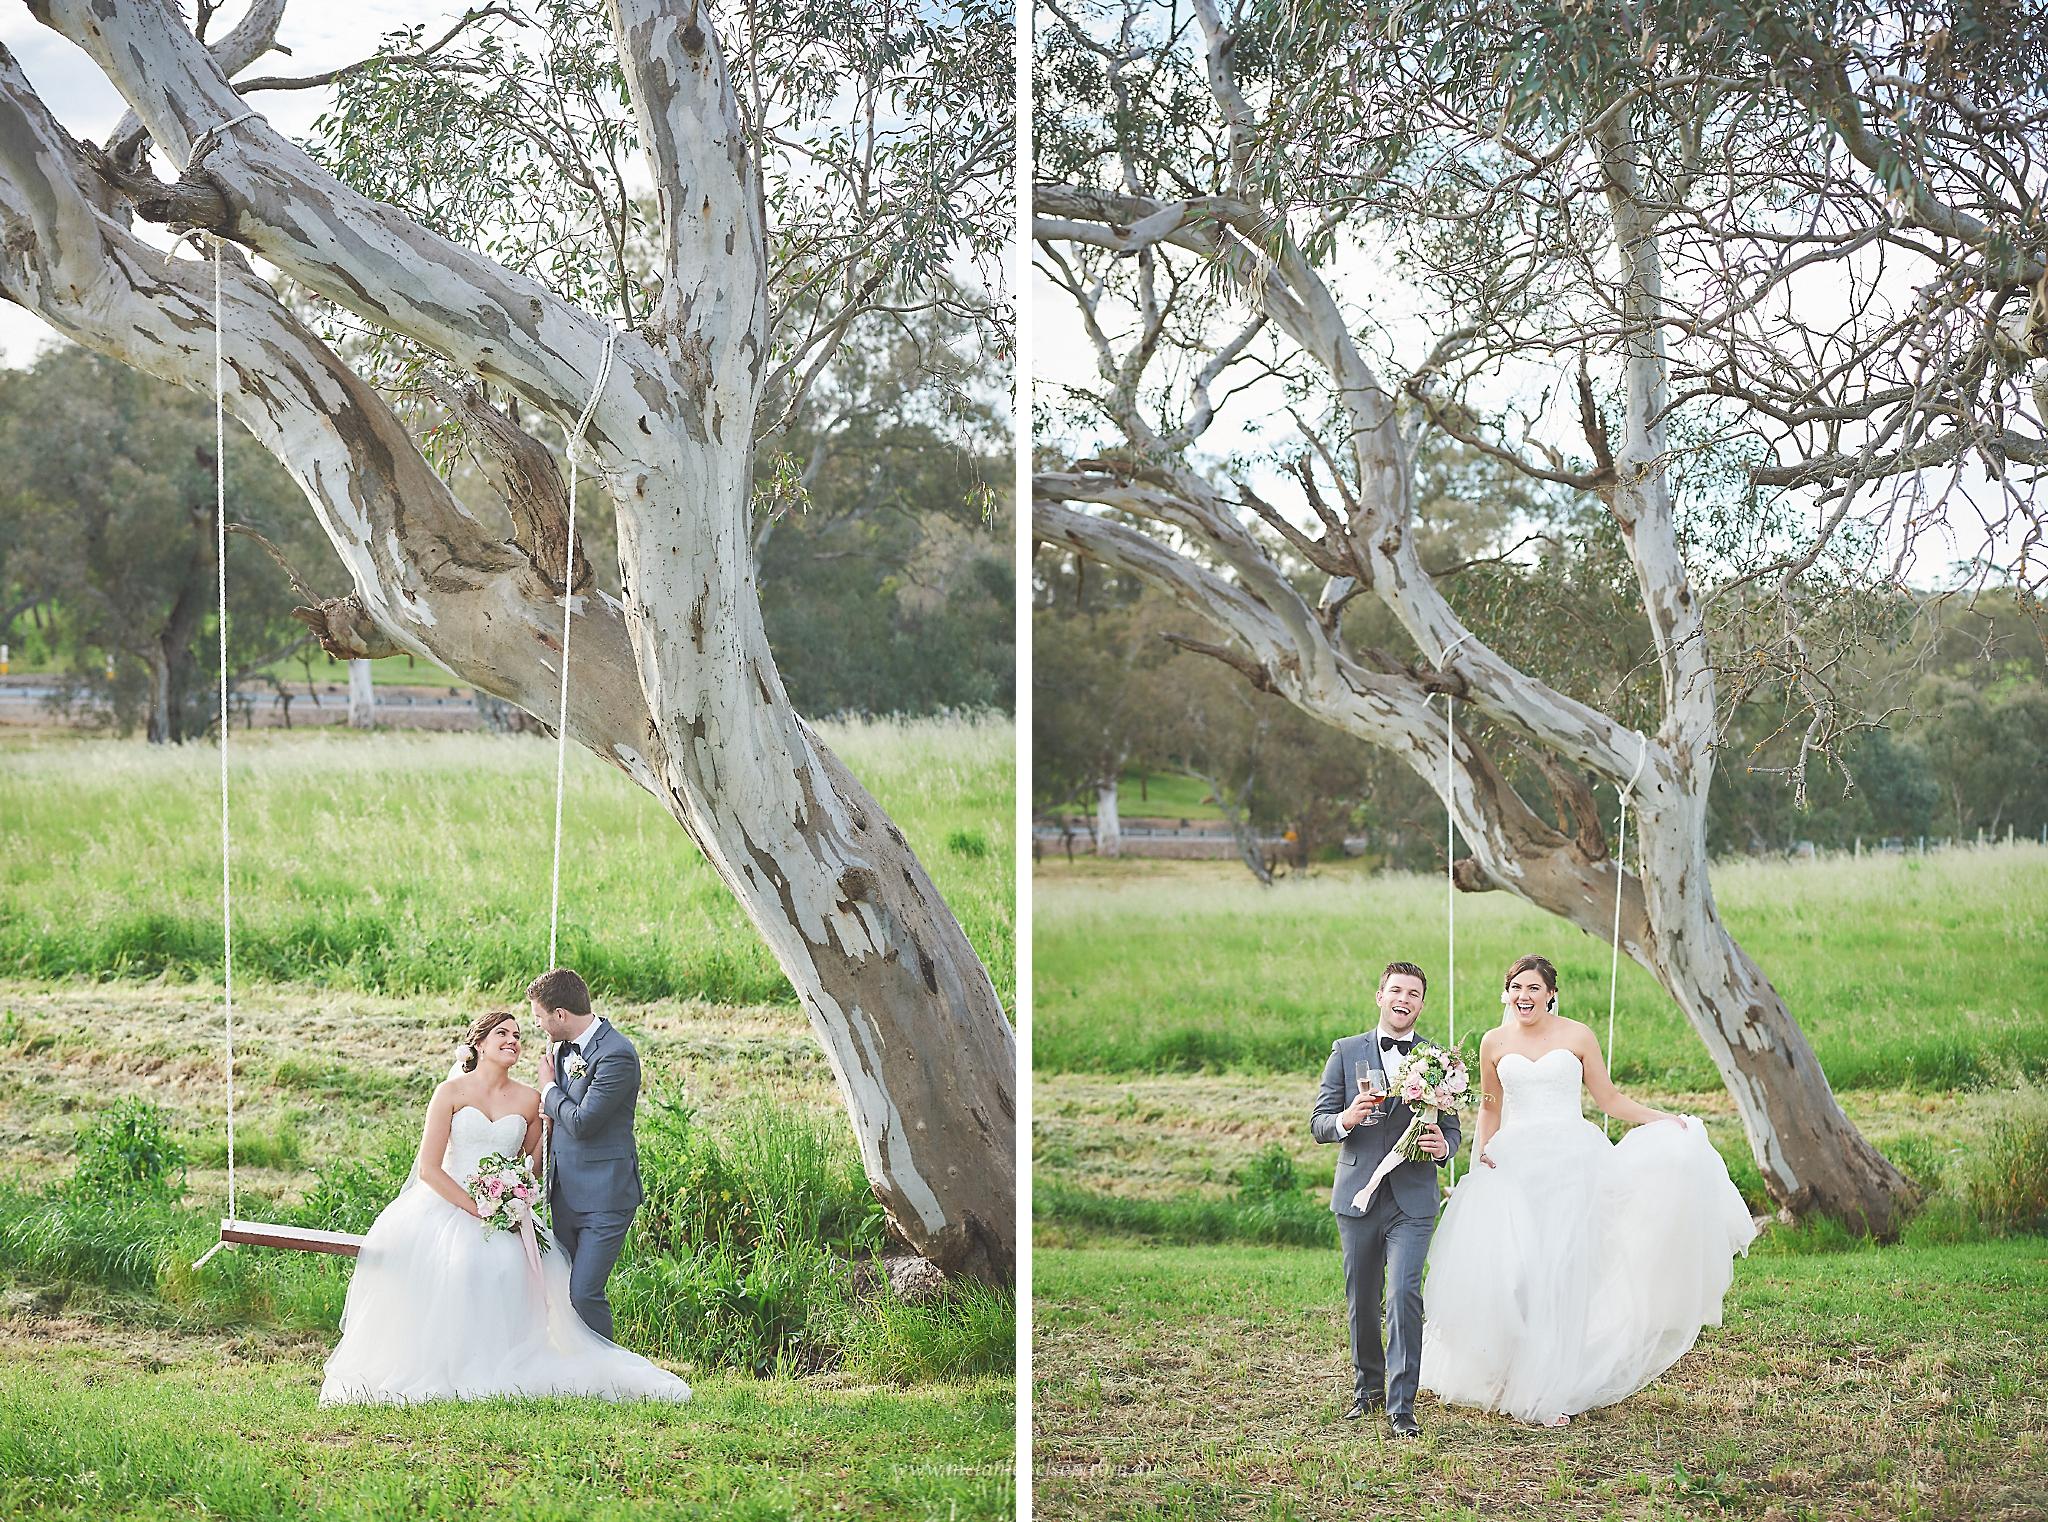 howards_vineyard_wedding_0019.jpg